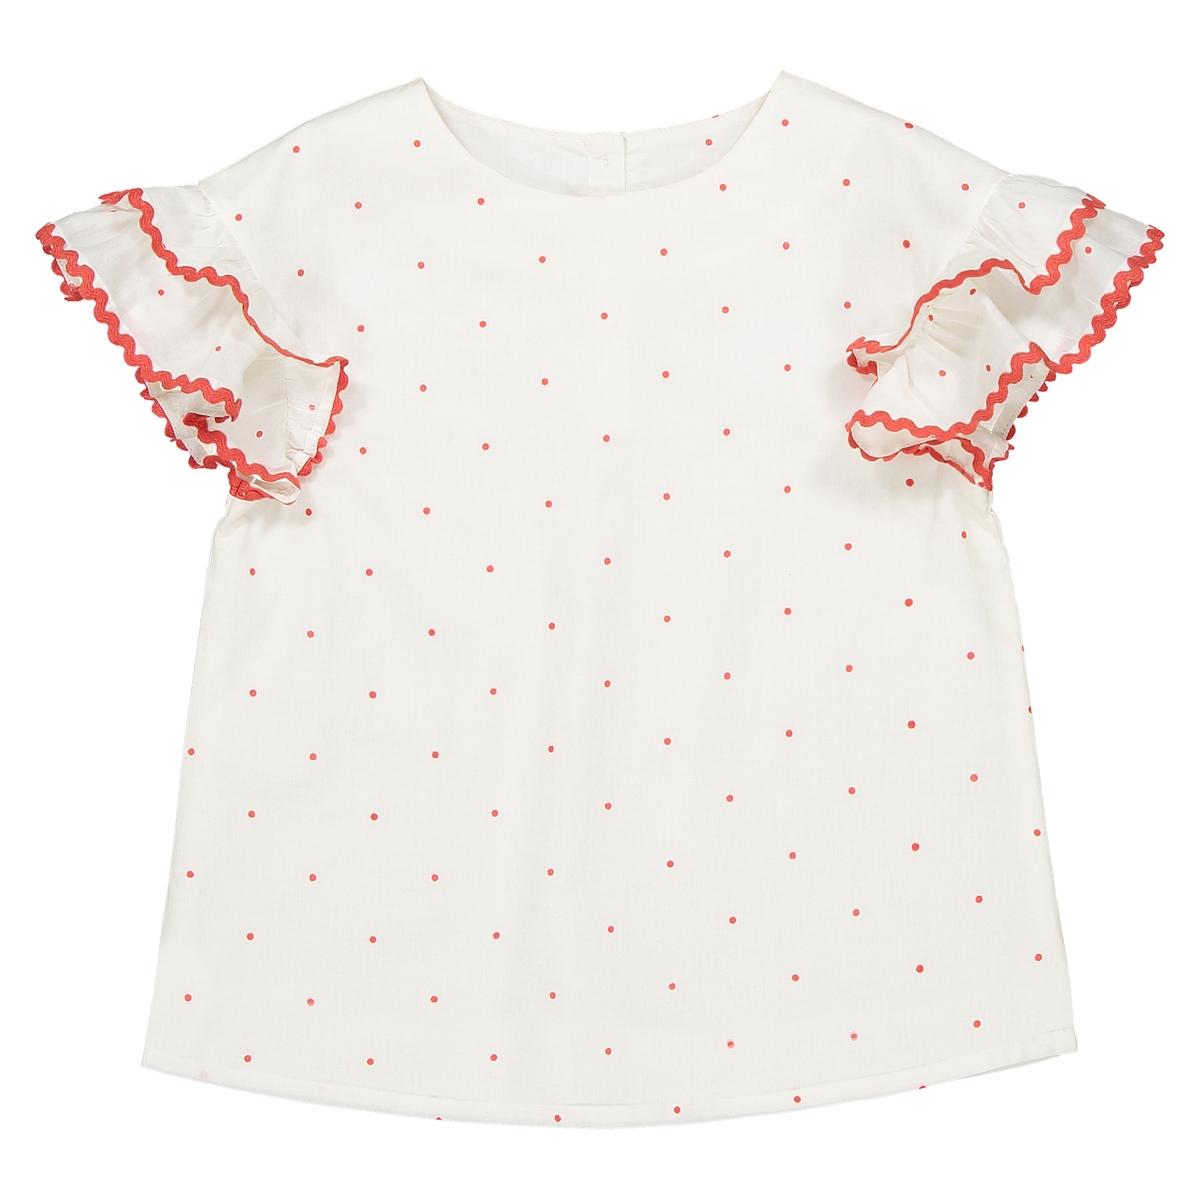 Блузка в горошек с воланами на рукавах, 3-12 лет